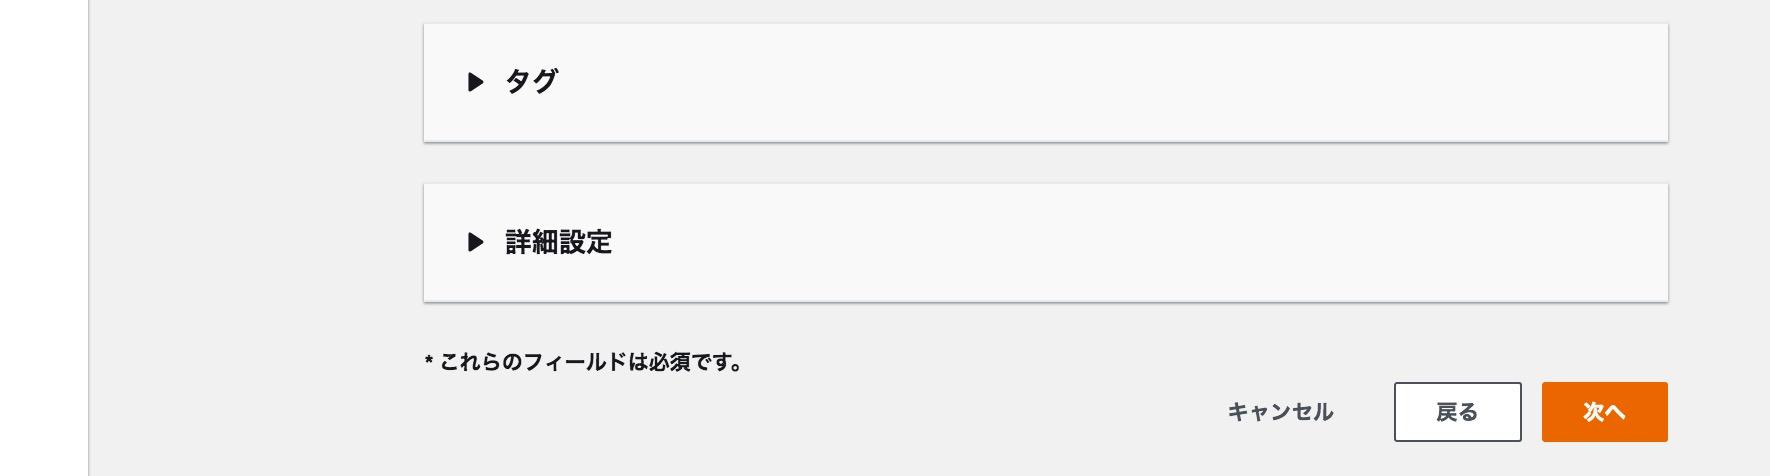 スクリーンショット 2017-08-14 17.42.49.jpg